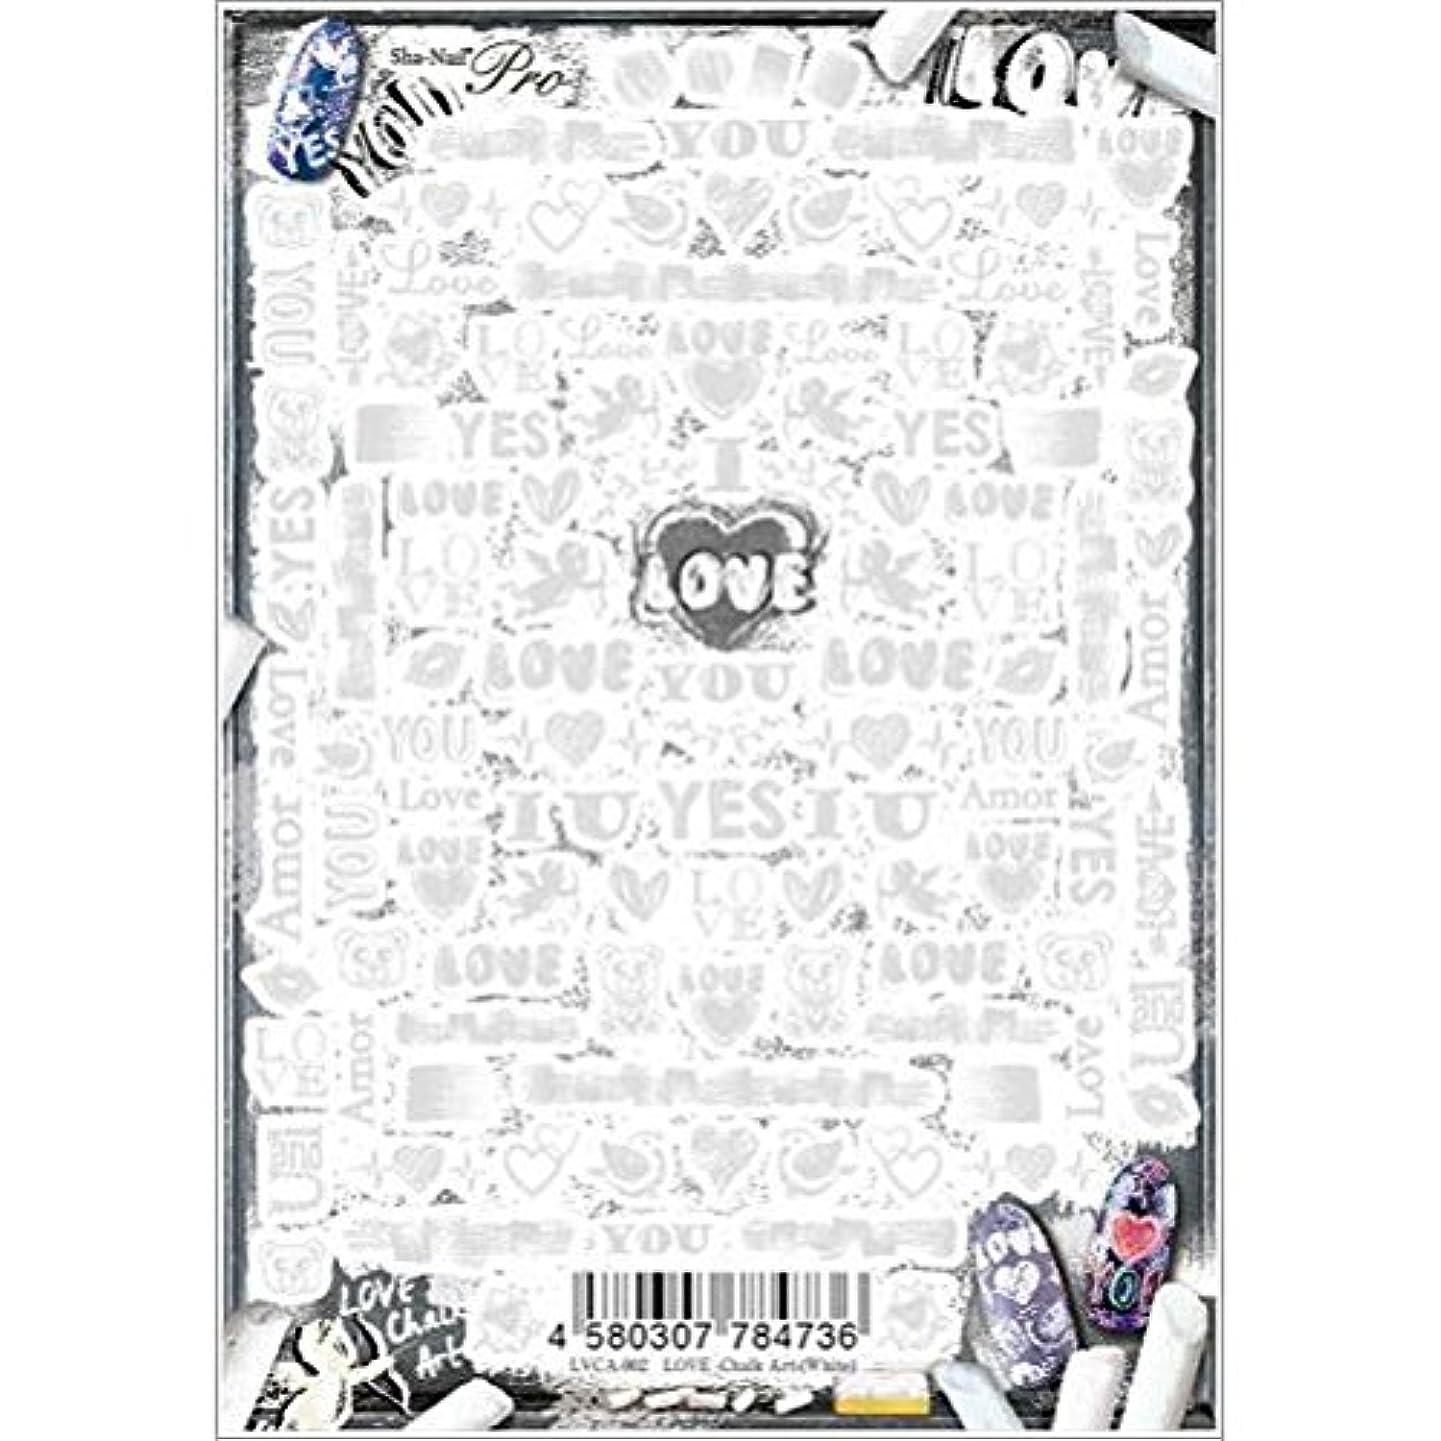 メリー実業家なめるSha-Nail Pro ネイルシール ラブ-チョークアート-(ホワイト) LVCA-002